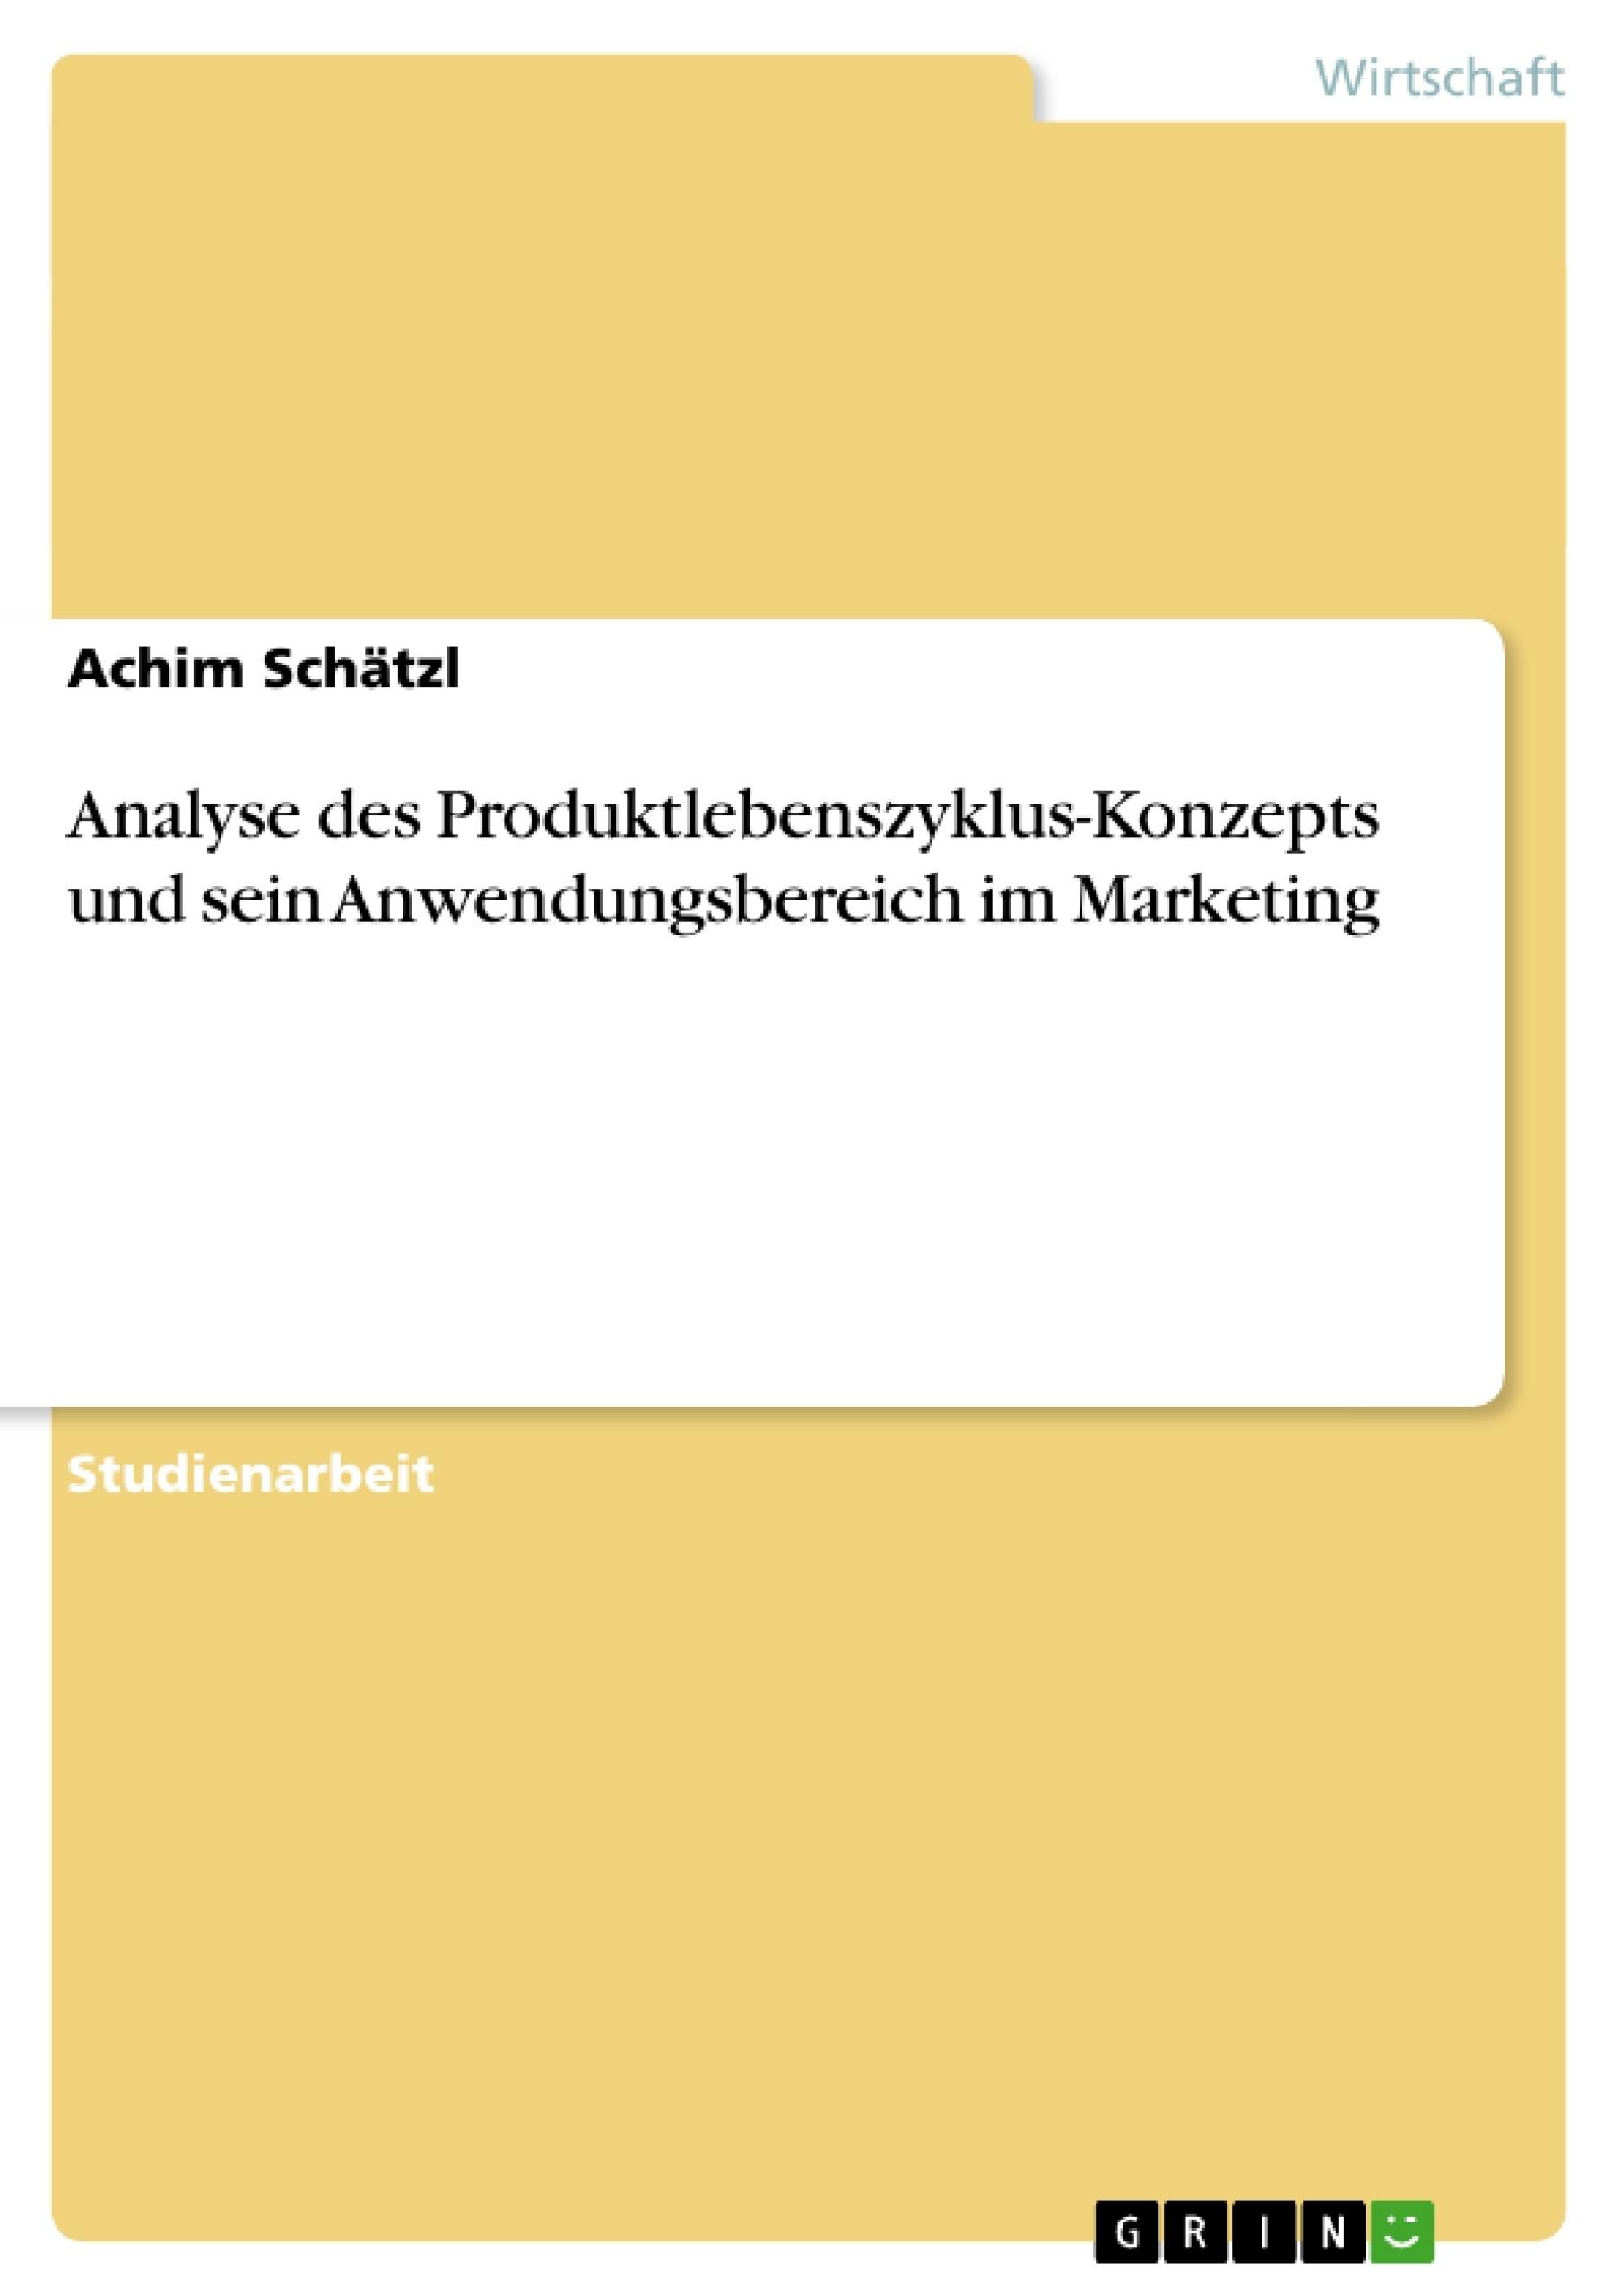 Titel: Analyse des Produktlebenszyklus-Konzepts und sein Anwendungsbereich im Marketing